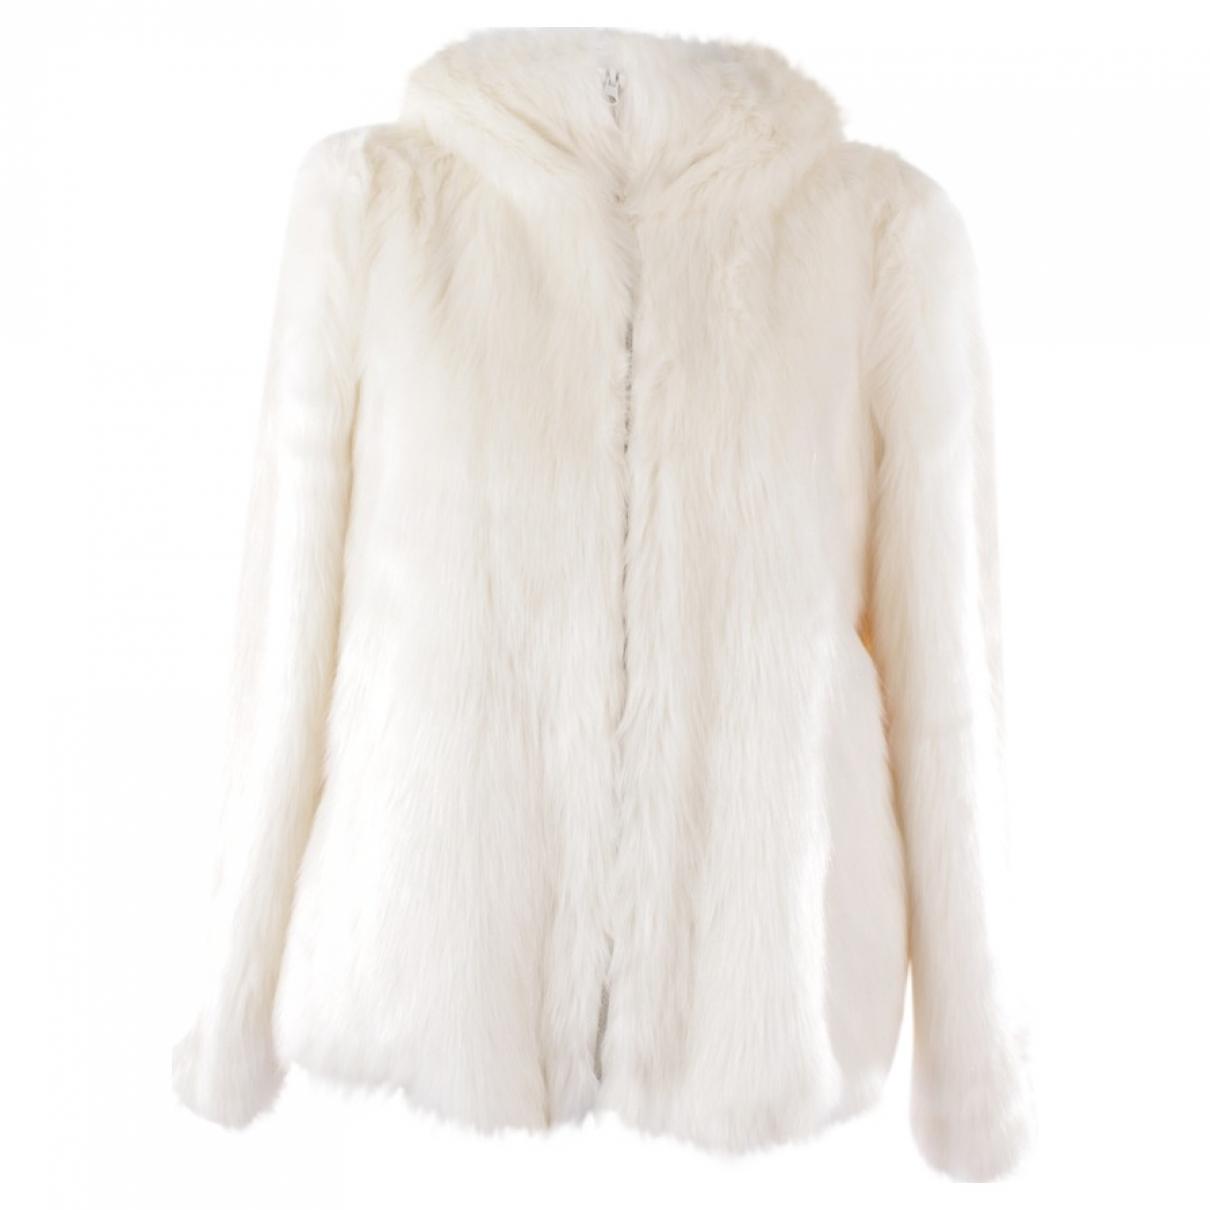 Dondup \N White jacket for Women 36 FR